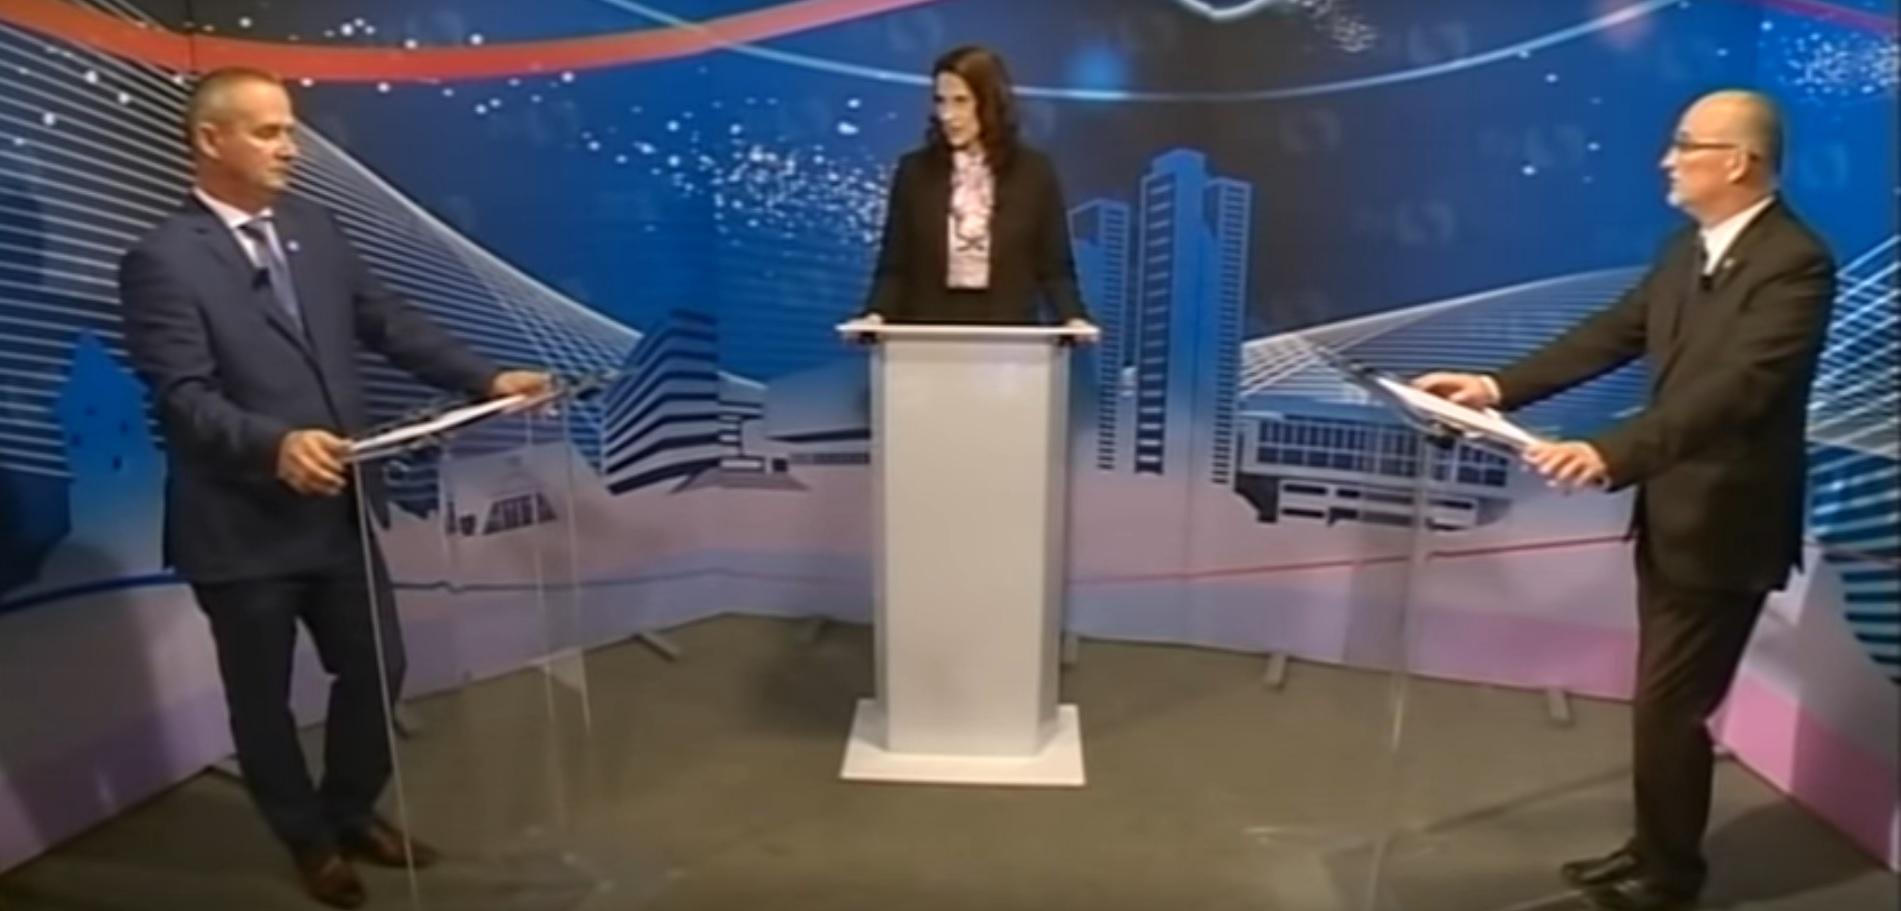 Meglepetés: vannak városok, ahol még tartanak normális választási vitákat